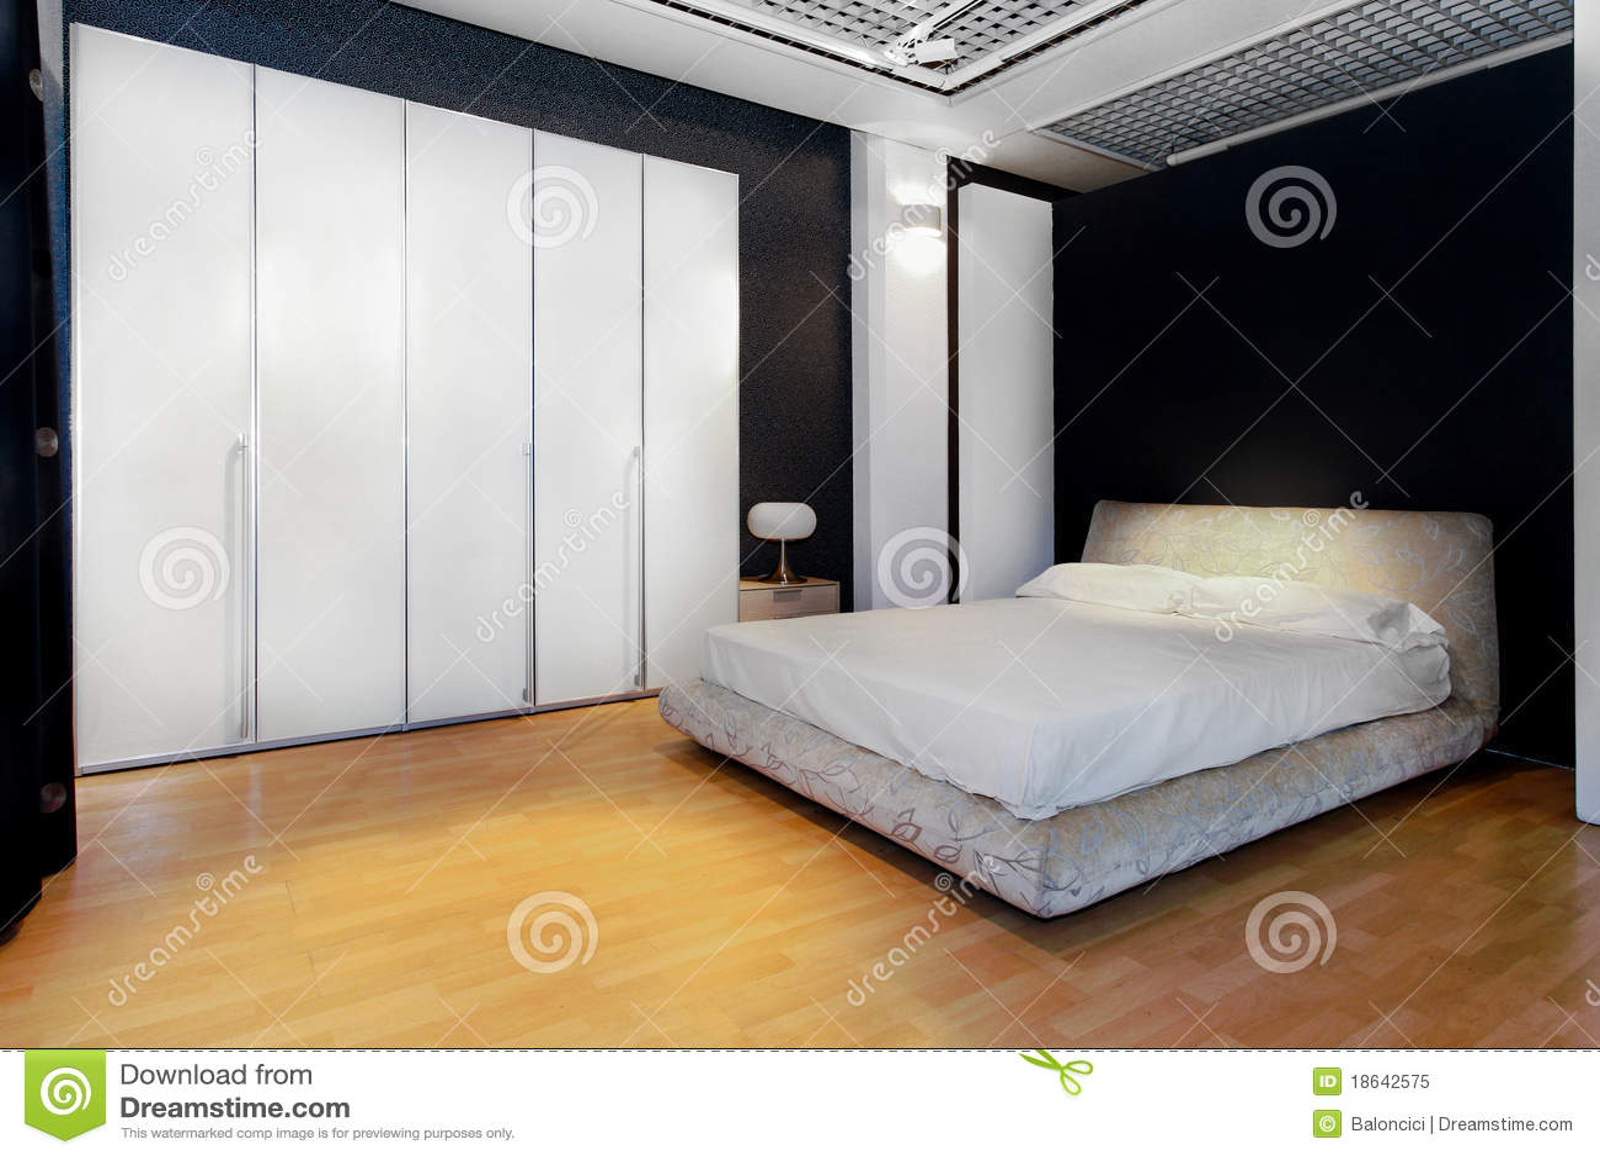 卧室大壁橱内部衣橱白色.